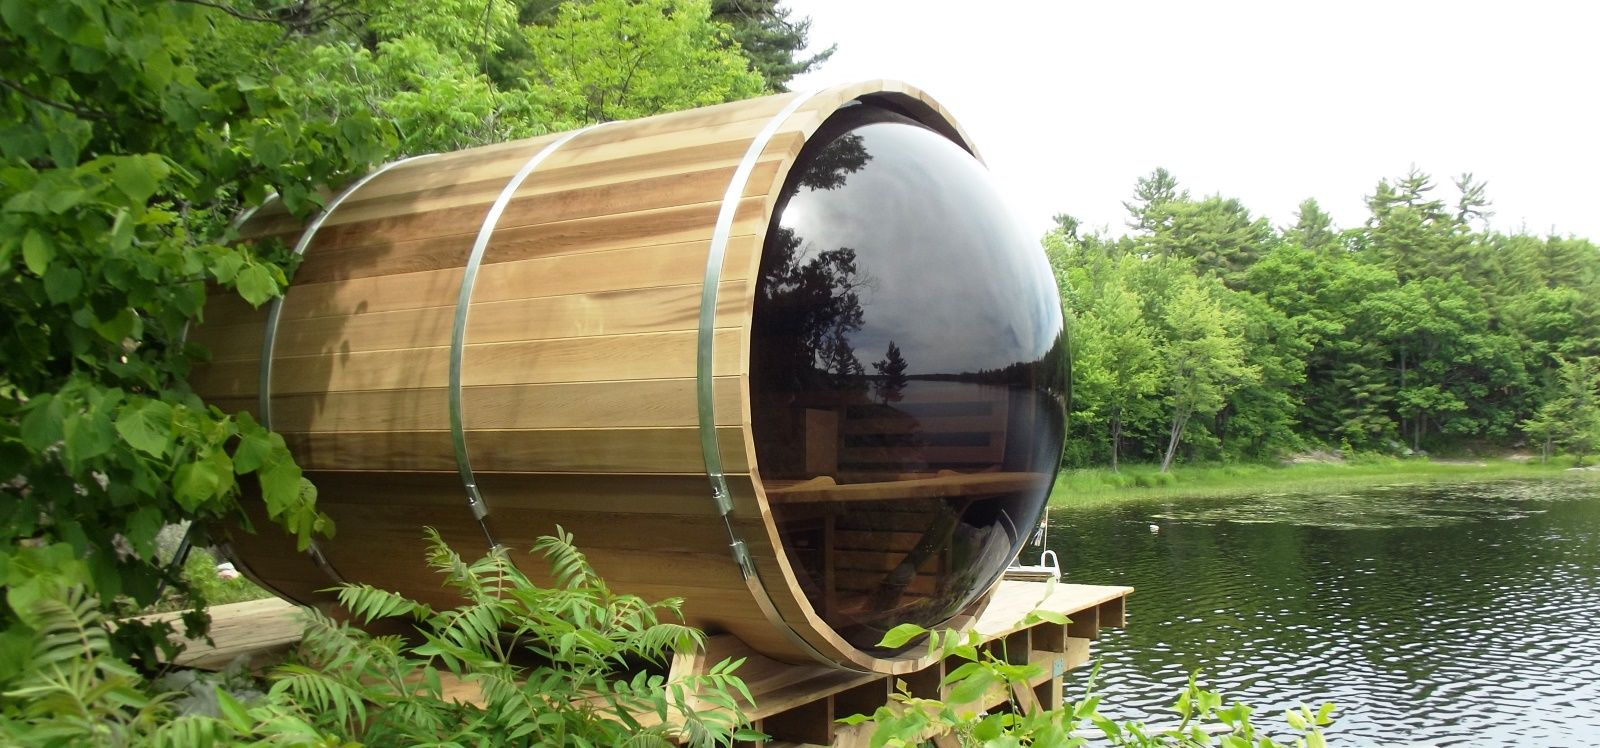 afbeeldingsresultaat voor sauna ton wonen pinterest saunas and cabin. Black Bedroom Furniture Sets. Home Design Ideas